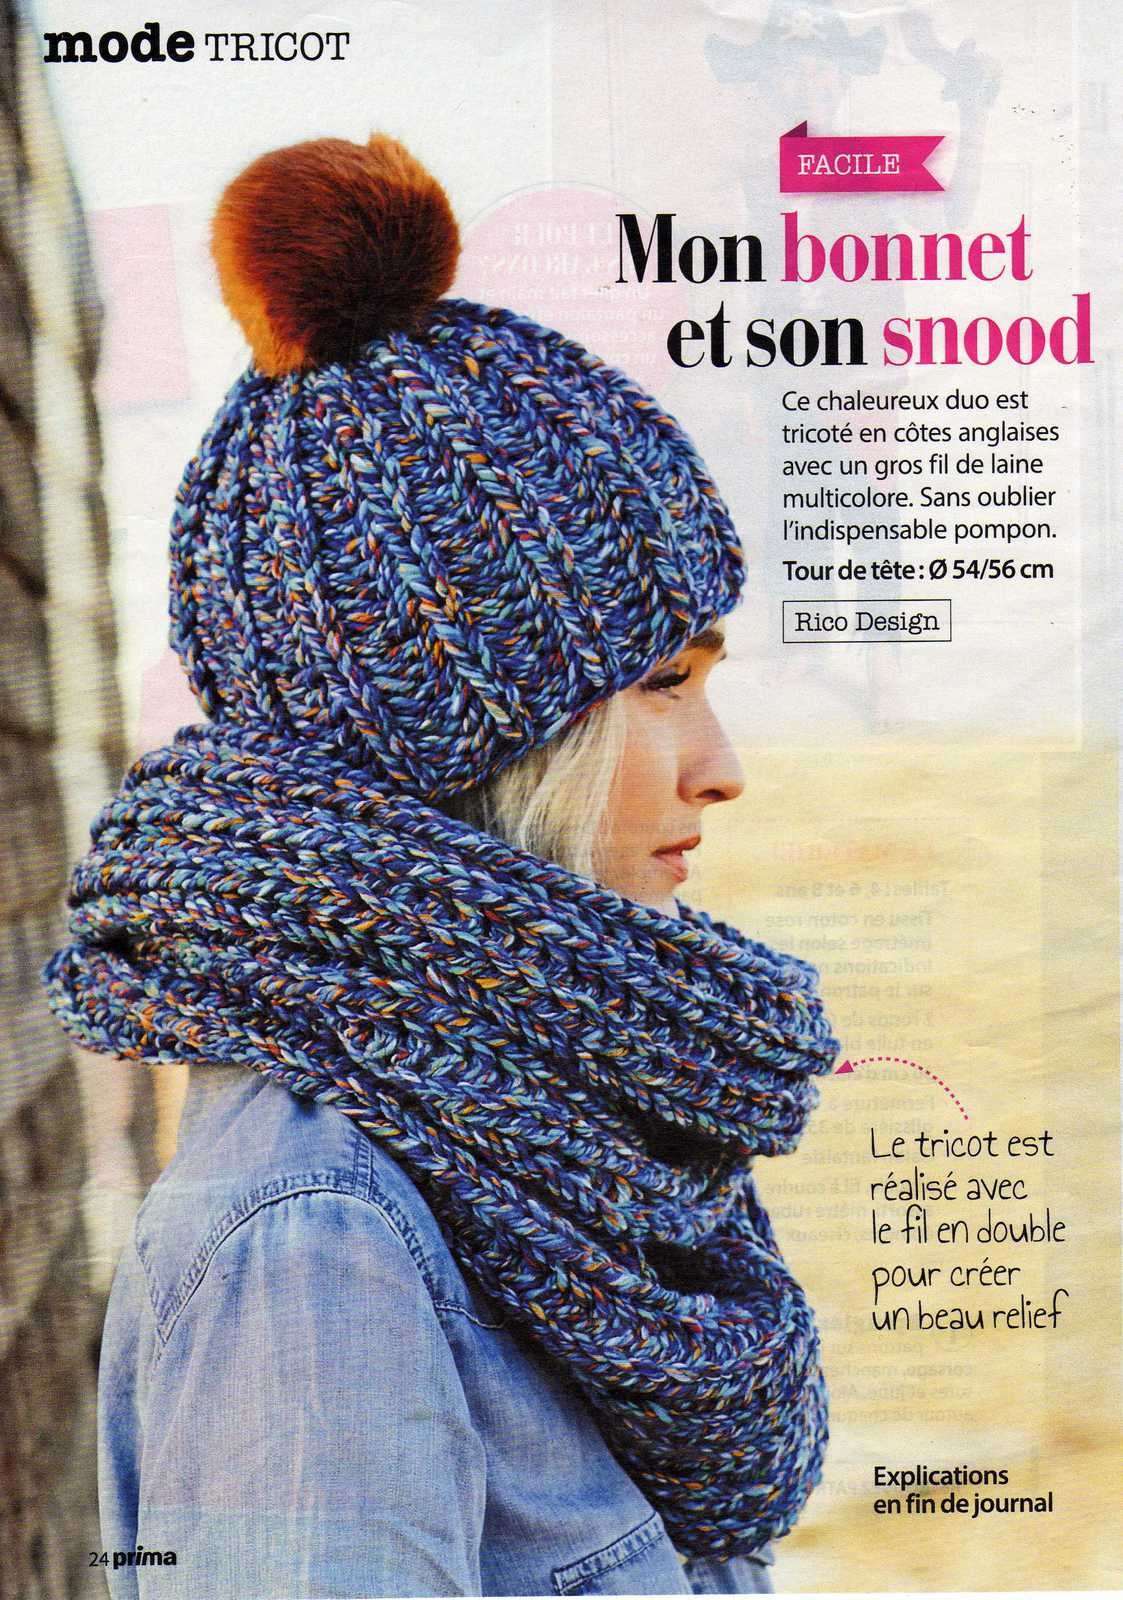 Tricoter un bonnet snood